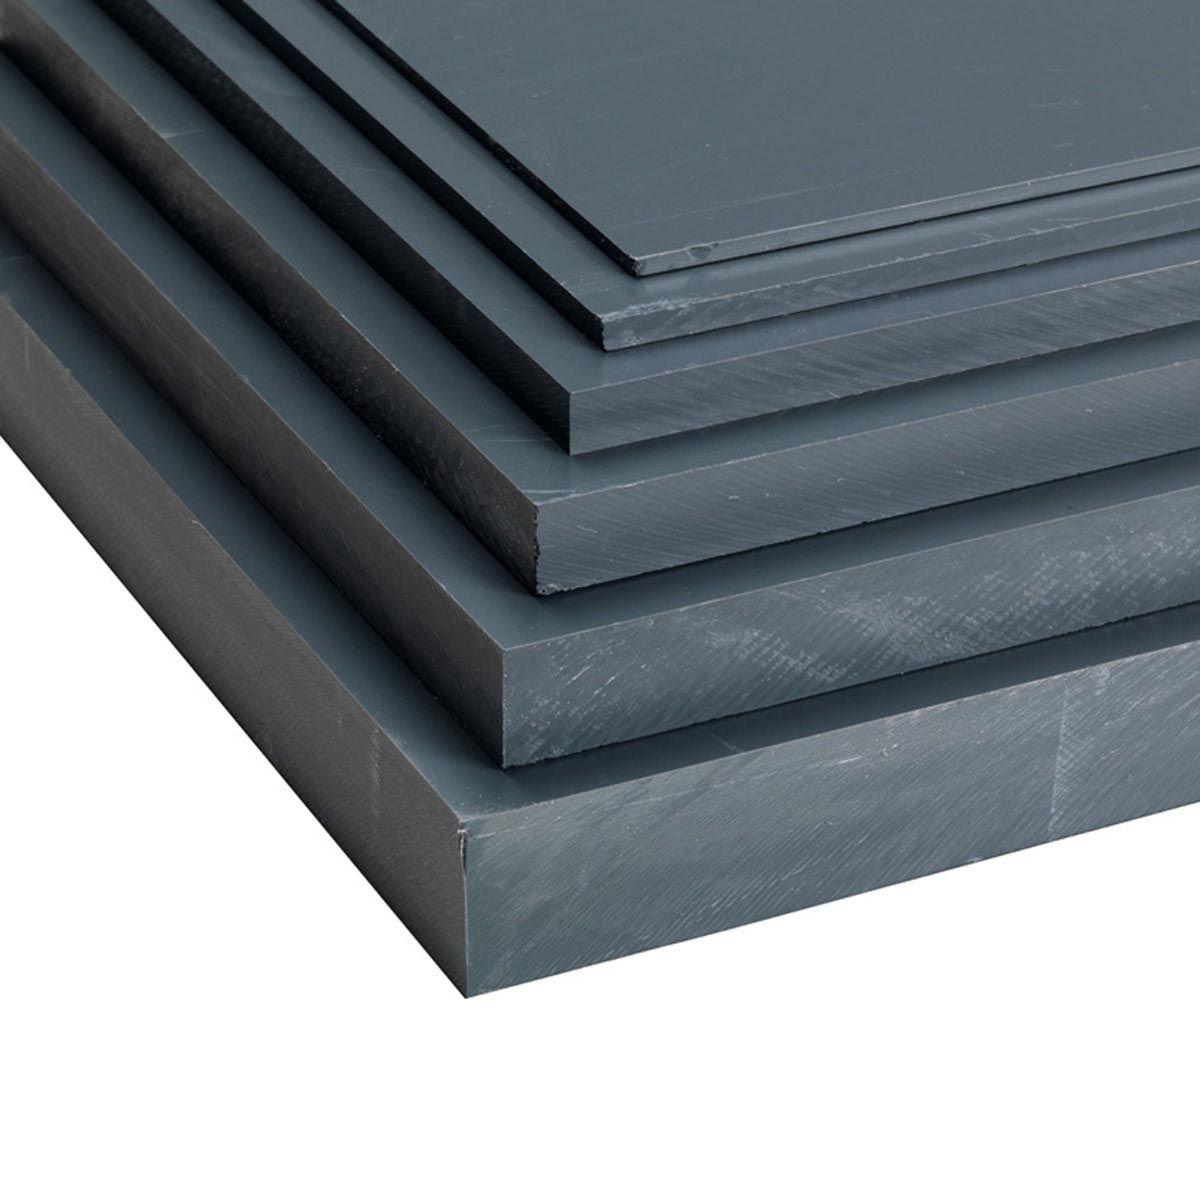 PVC Platte, aus PVC-U, dunkelgrau, 2000 x 1000 x 3 mm, 4.32 kg/m2